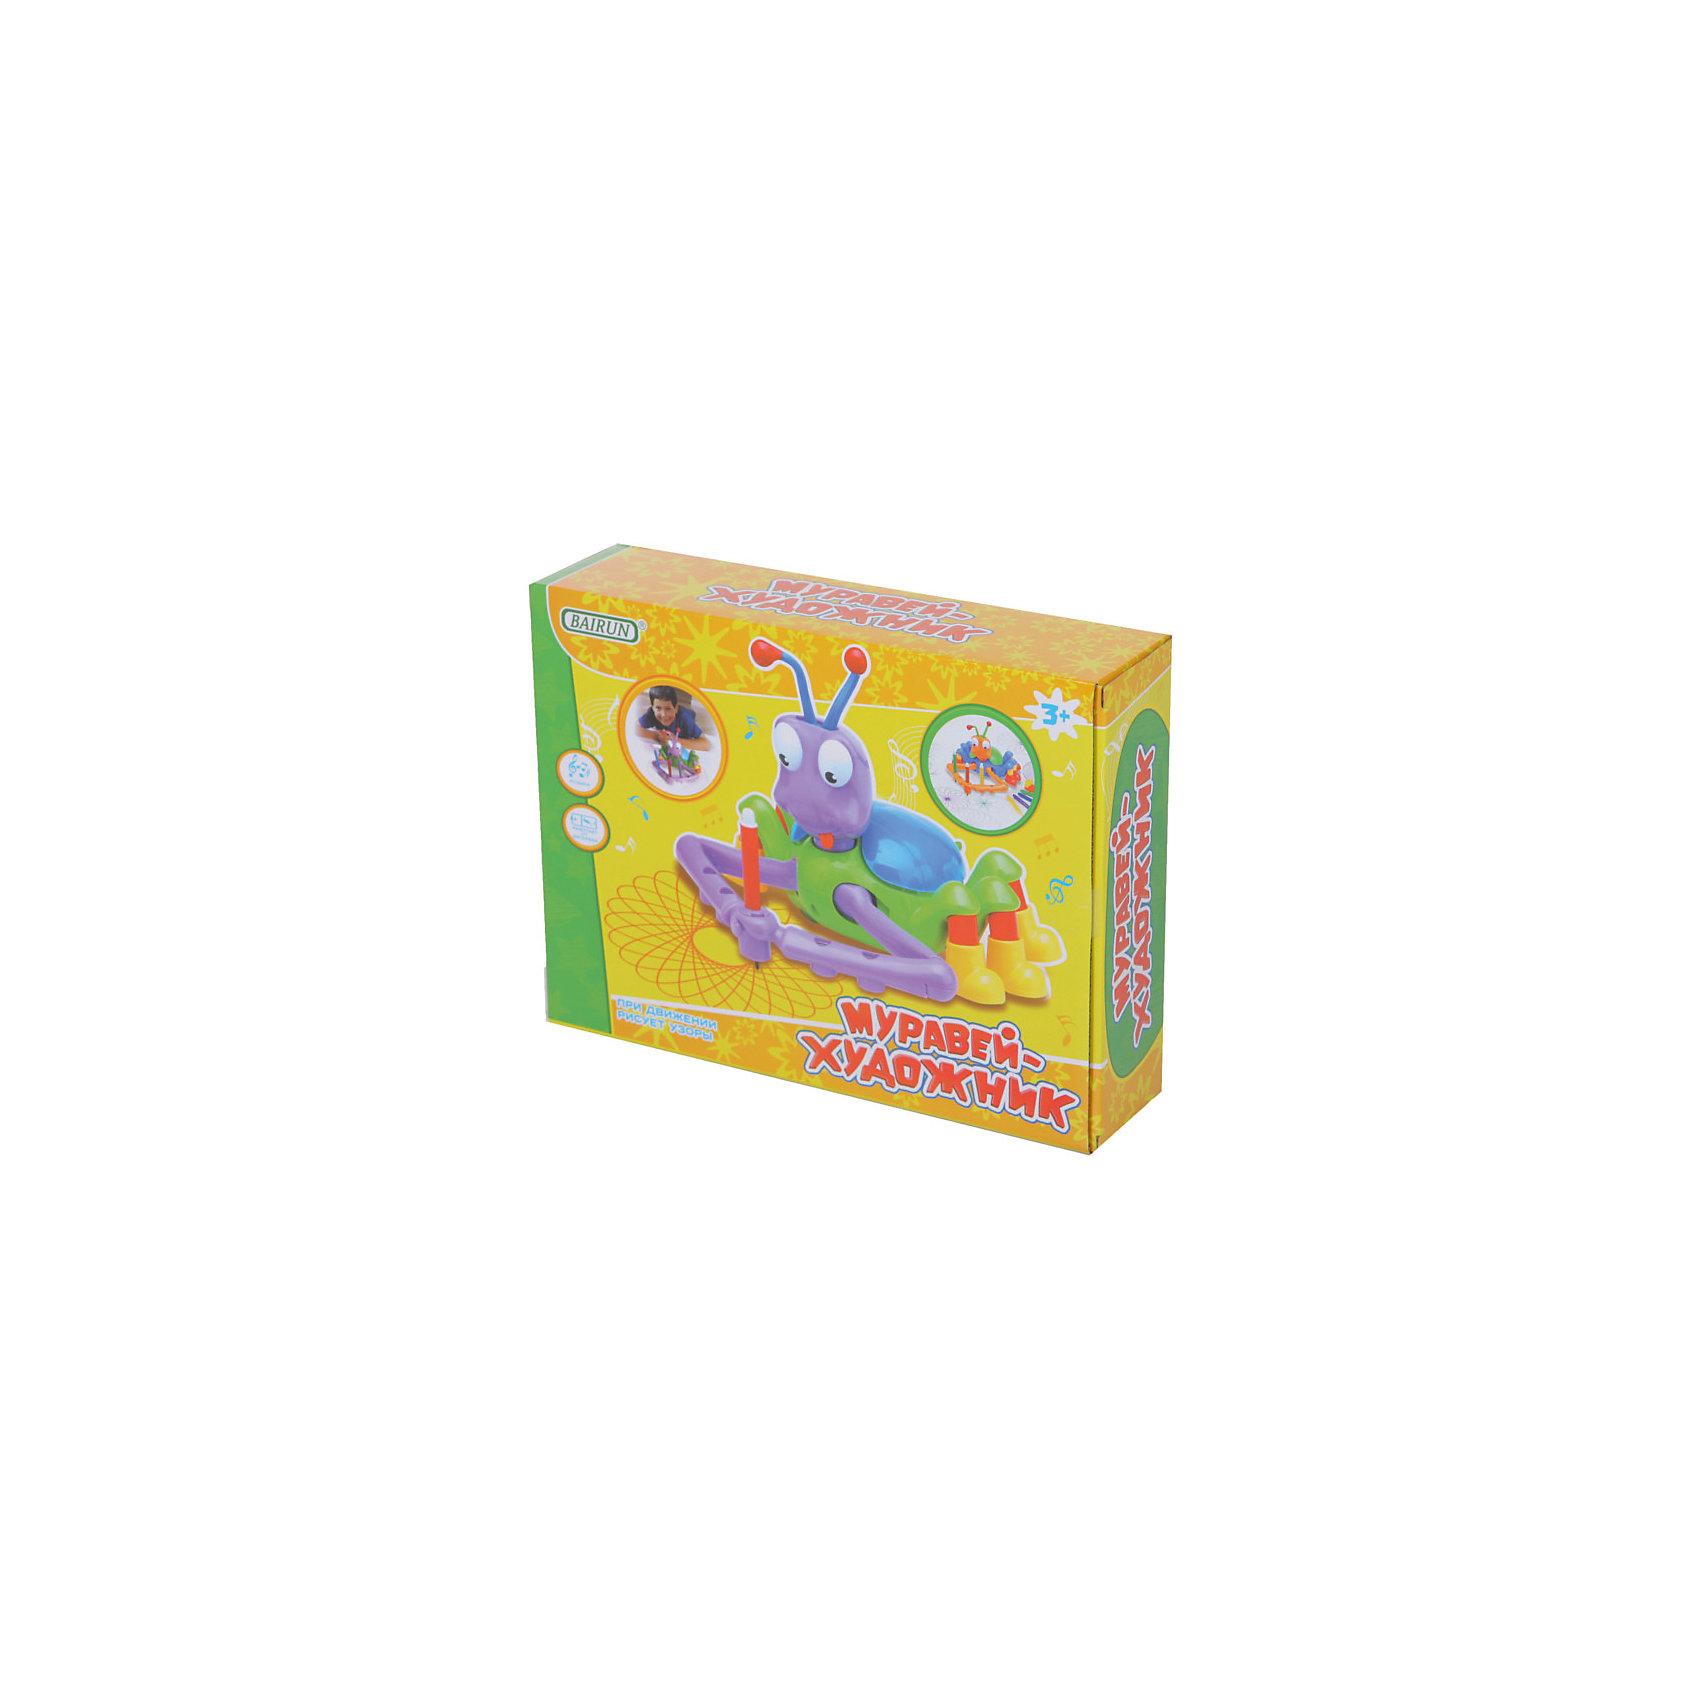 Интерактивная игрушка Bairun Муравей-художникРазвивающие игрушки<br>Характеристики:<br><br>• возраст: от 3 лет<br>• комплектация: игрушечный муравей, 5 фломастеров<br>• материал: пластик<br>• батарейки: 2 типа АА<br>• наличие батареек: не входят в комплект<br>• размер упаковки: 30х7,5х22,5 см.<br><br>Интерактивная игрушка «Муравей-художник» станет замечательным подарком не только детям, но и взрослым. Стоит только включить муравья, как он начнет рисовать на бумаге различные красивые и ровные узоры, держа карандашик или фломастер в своих лапках. <br><br>Вы сами решаете, какой фломастер дать муравью и какого цвета будет узор, а амплитуду и размах его узоров можно свободно регулировать, переключая регулятор на брюшке муравья. Во время рисования творческий муравей наигрывает веселую музыку.<br><br>Игрушку Муравей-художник, Bairun (Байран) можно купить в нашем интернет-магазине.<br><br>Ширина мм: 300<br>Глубина мм: 230<br>Высота мм: 7<br>Вес г: 610<br>Возраст от месяцев: 36<br>Возраст до месяцев: 2147483647<br>Пол: Унисекс<br>Возраст: Детский<br>SKU: 6841730